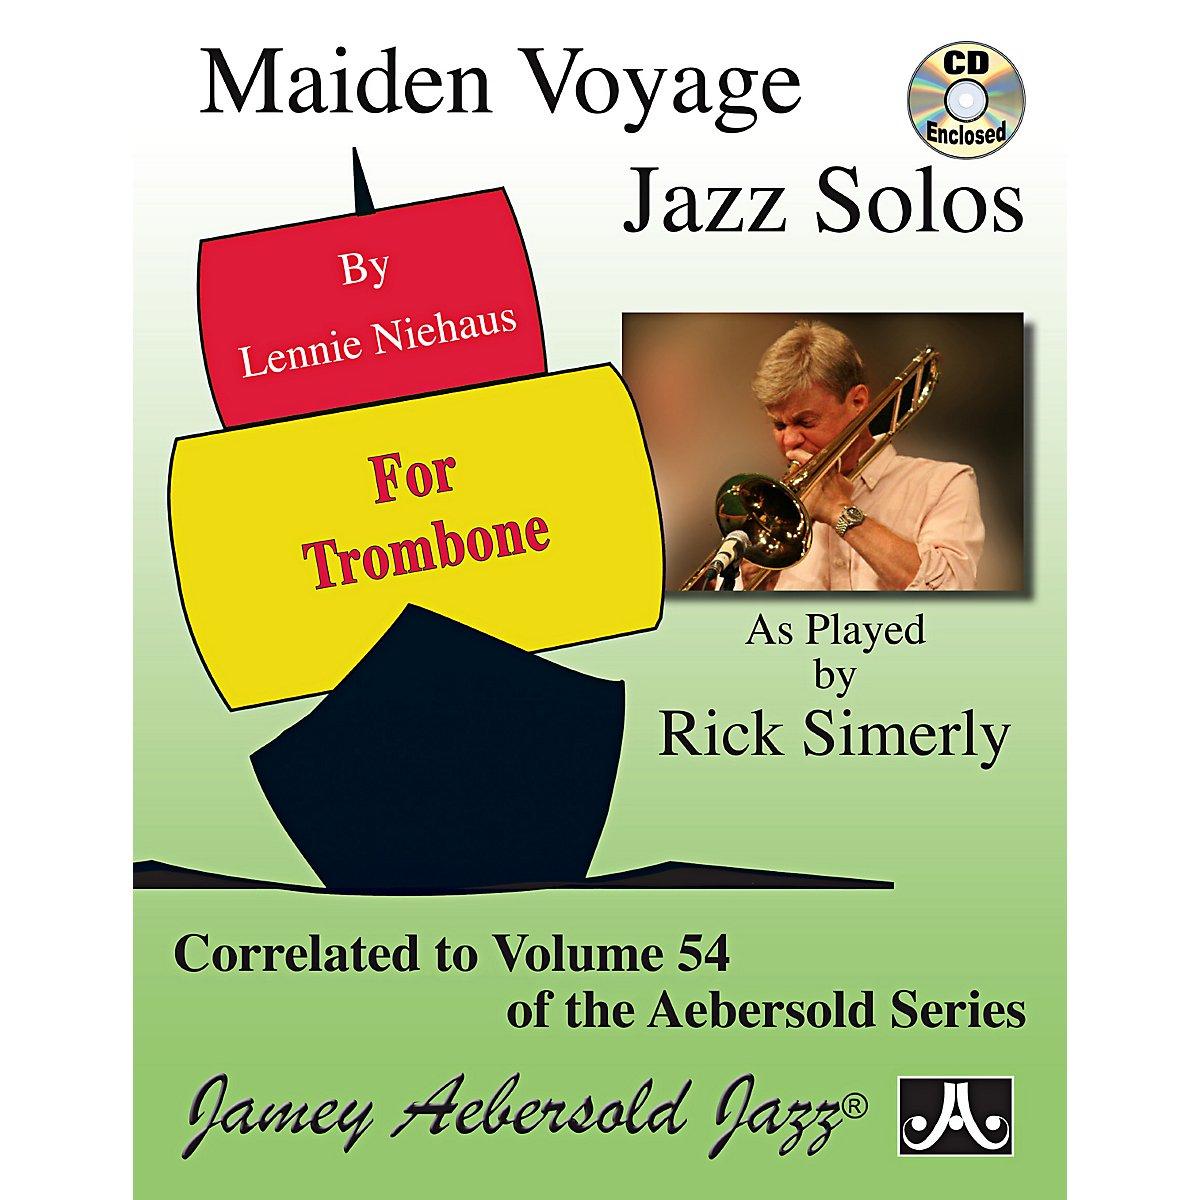 Maiden Voyage Jazz Solos AEBERSOLD 86033